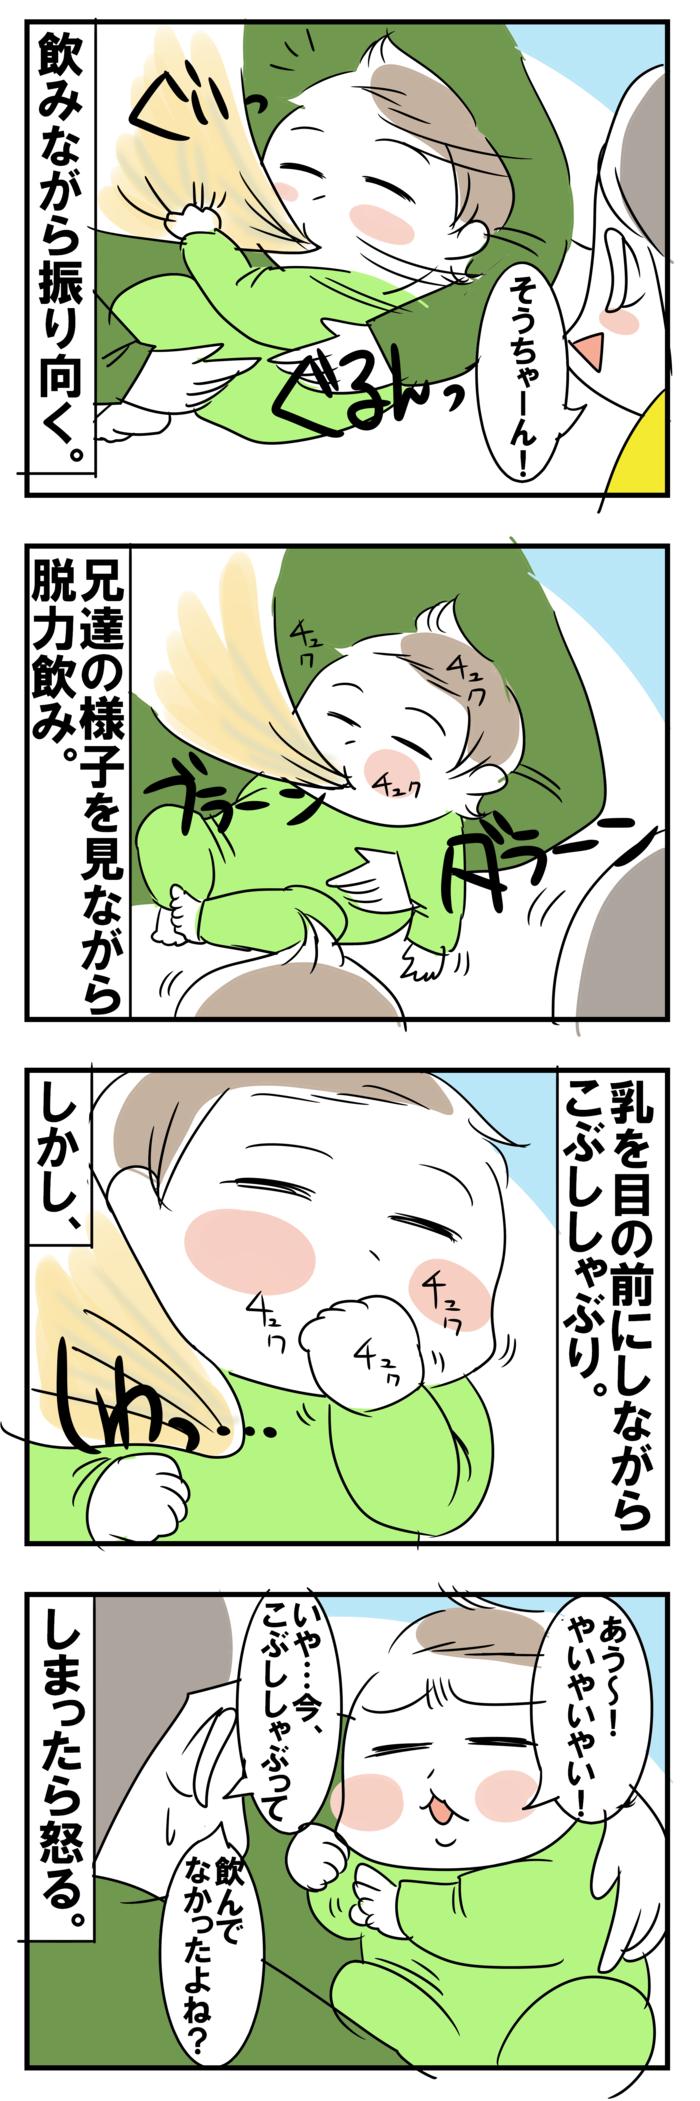 おっぱいに対する扱いが雑…!(泣)四男のフリーダムな「授乳スタイル」の画像2